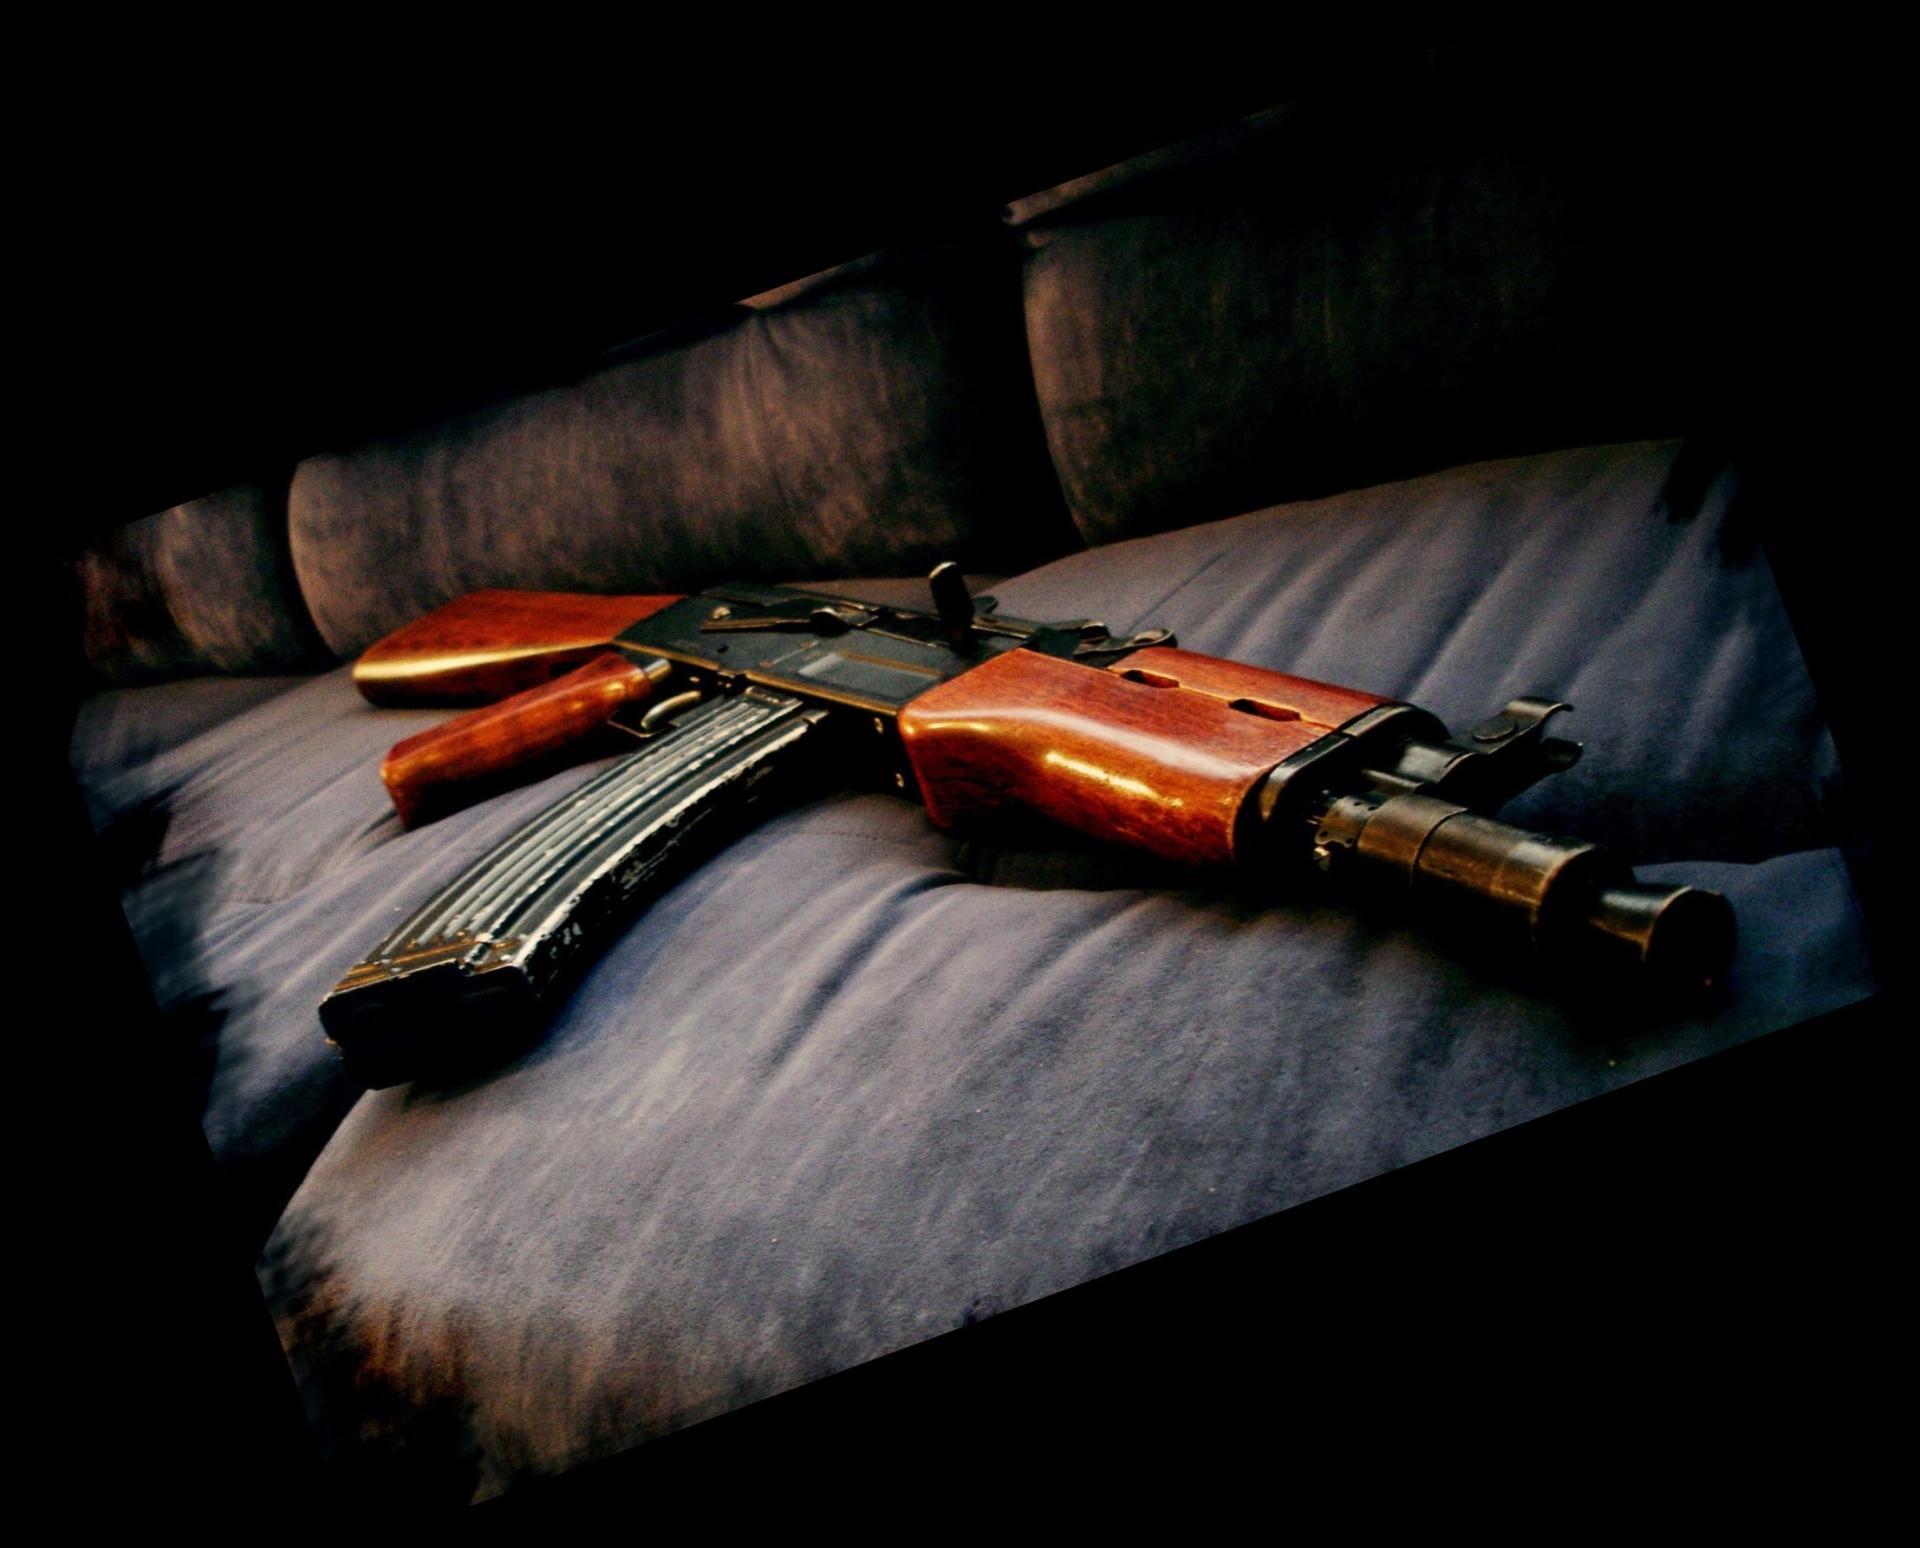 Ak-47 Wallpaper HD Download